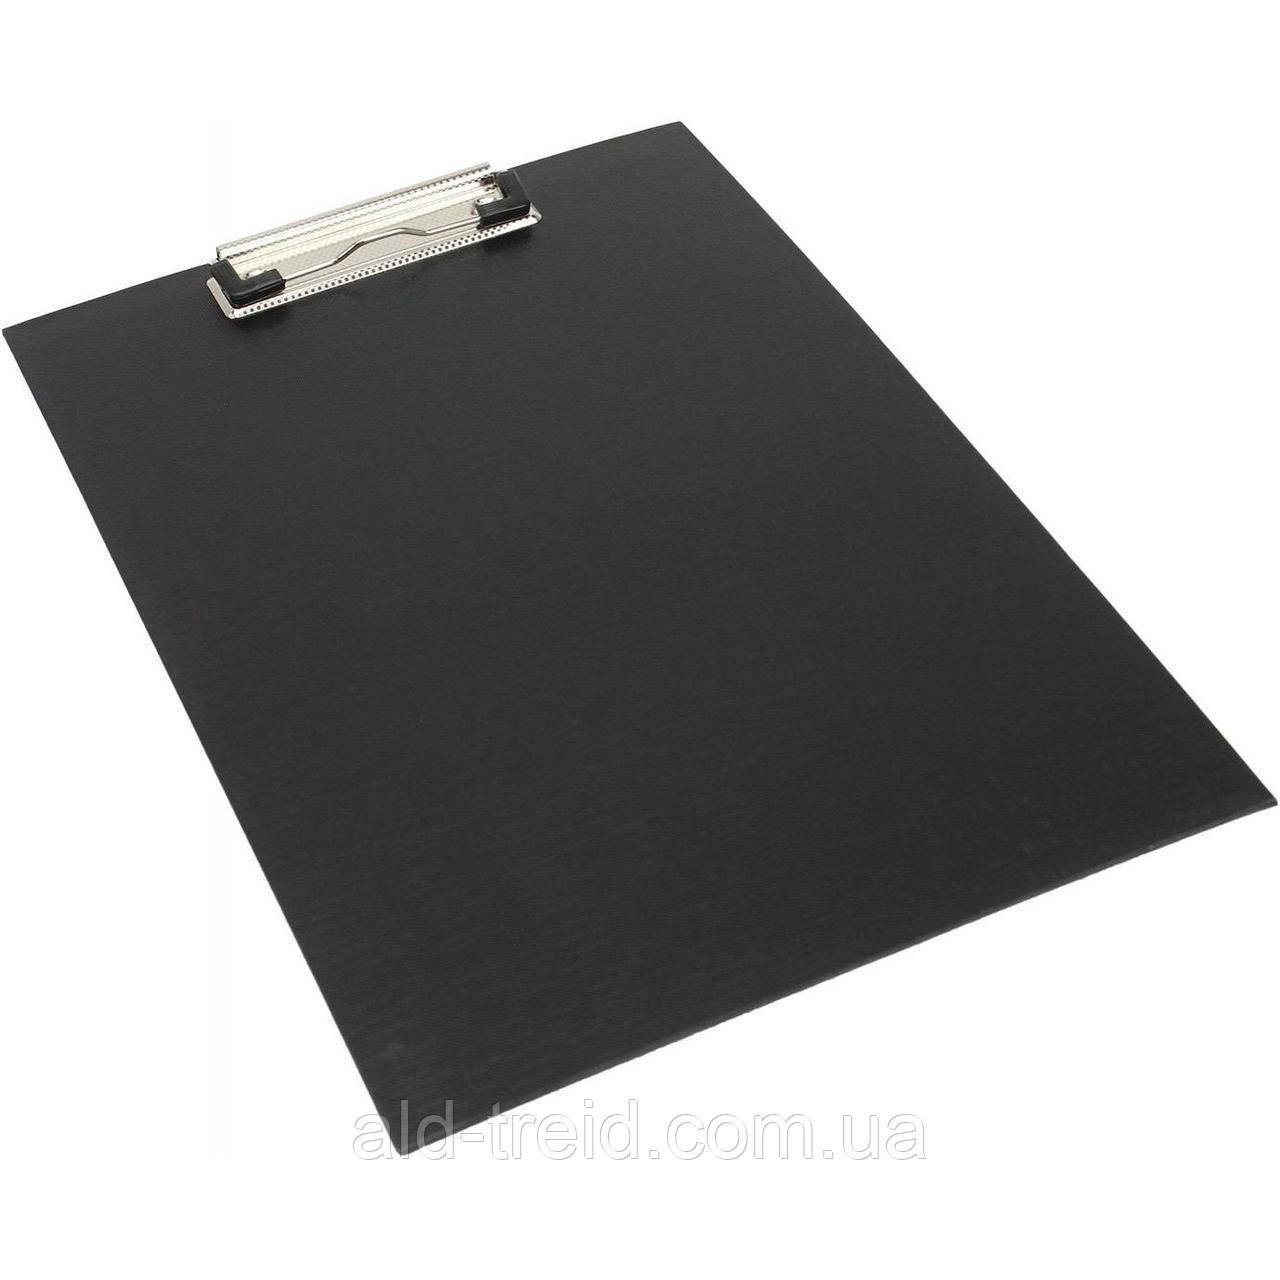 Планшет А4 Buromax 3411-01 ПВХ черный